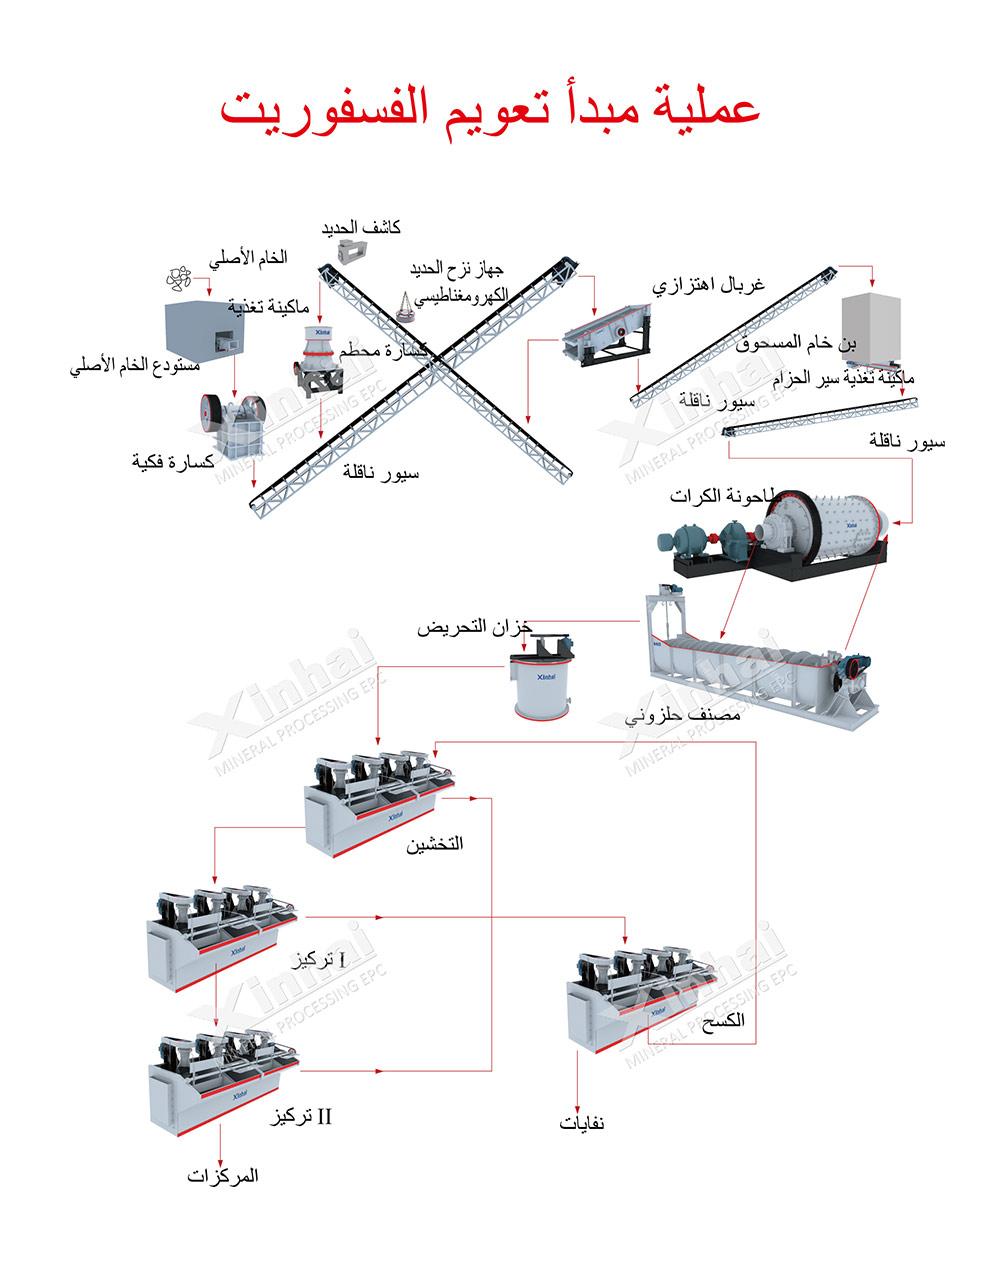 خط إنتاج لفصل خام الفوسفات